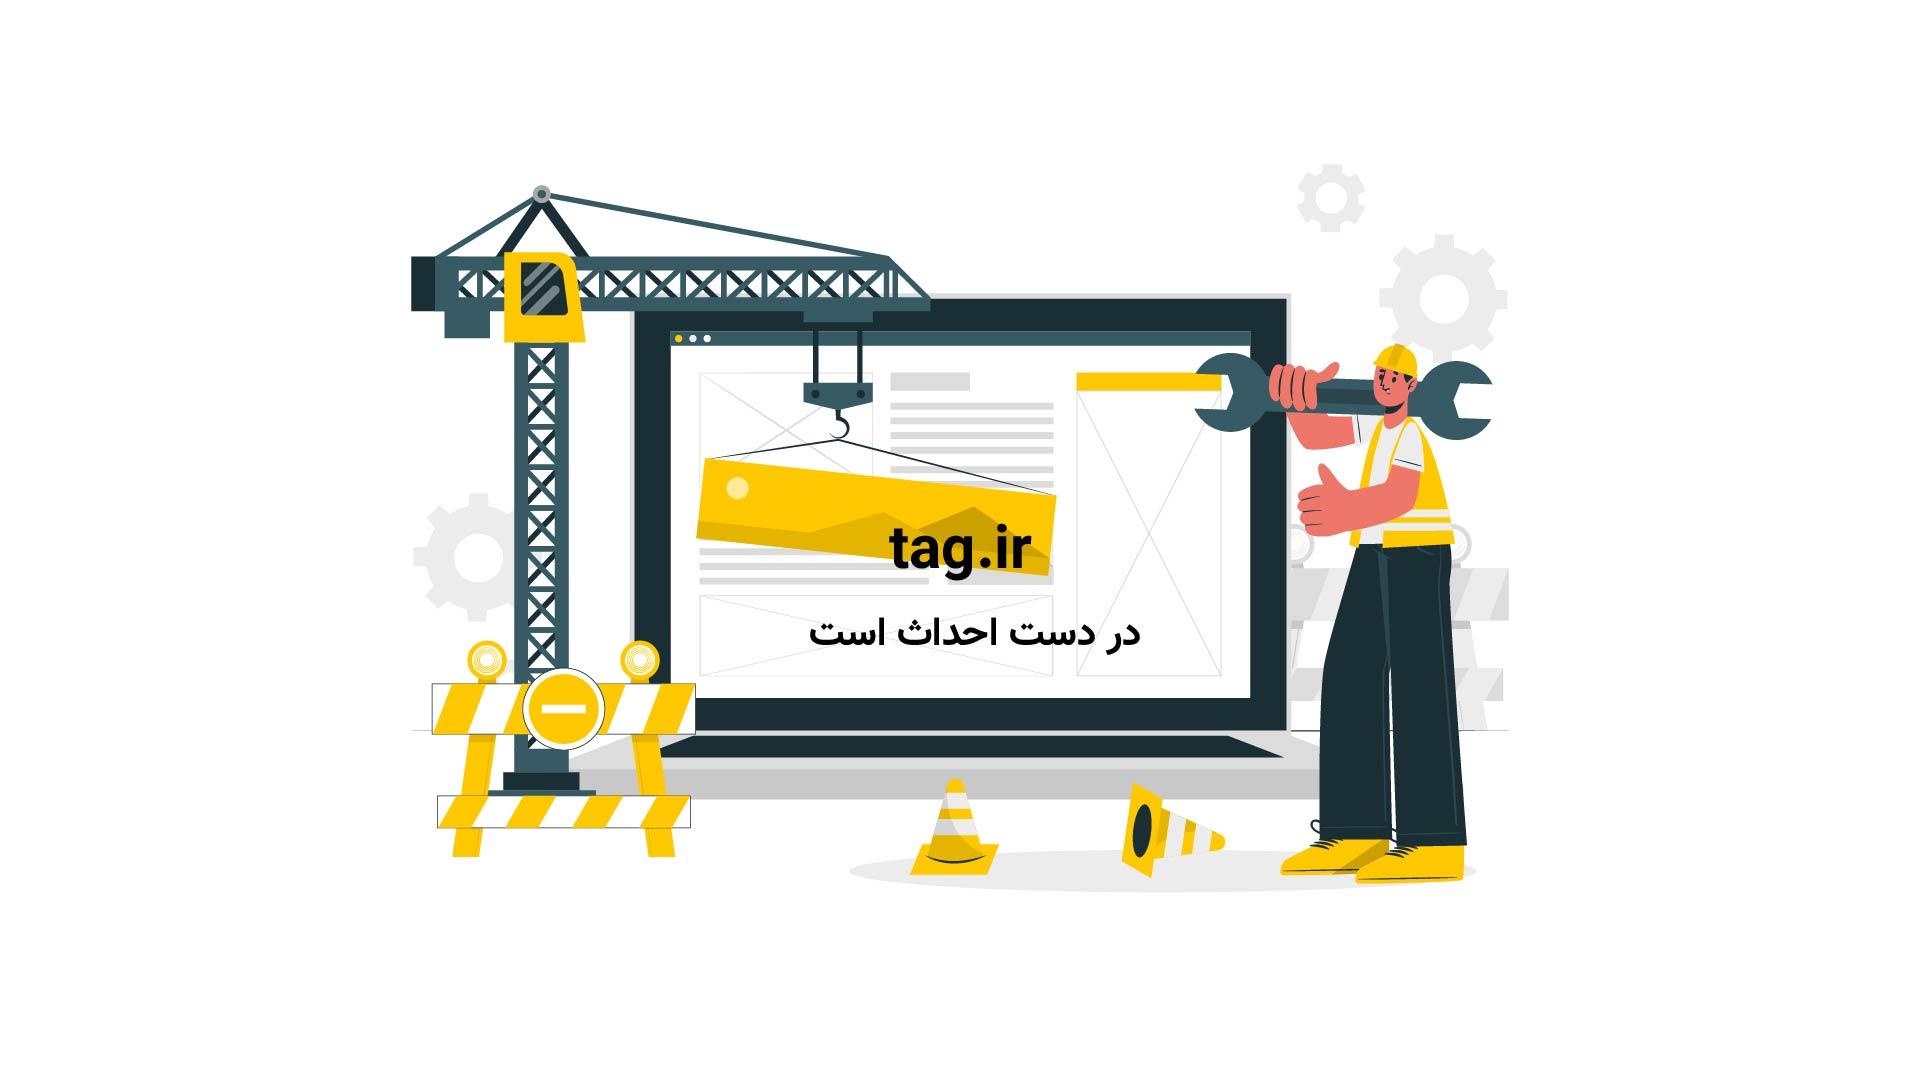 عناوین روزنامههای صبح دوشنبه 29 آذر | فیلم